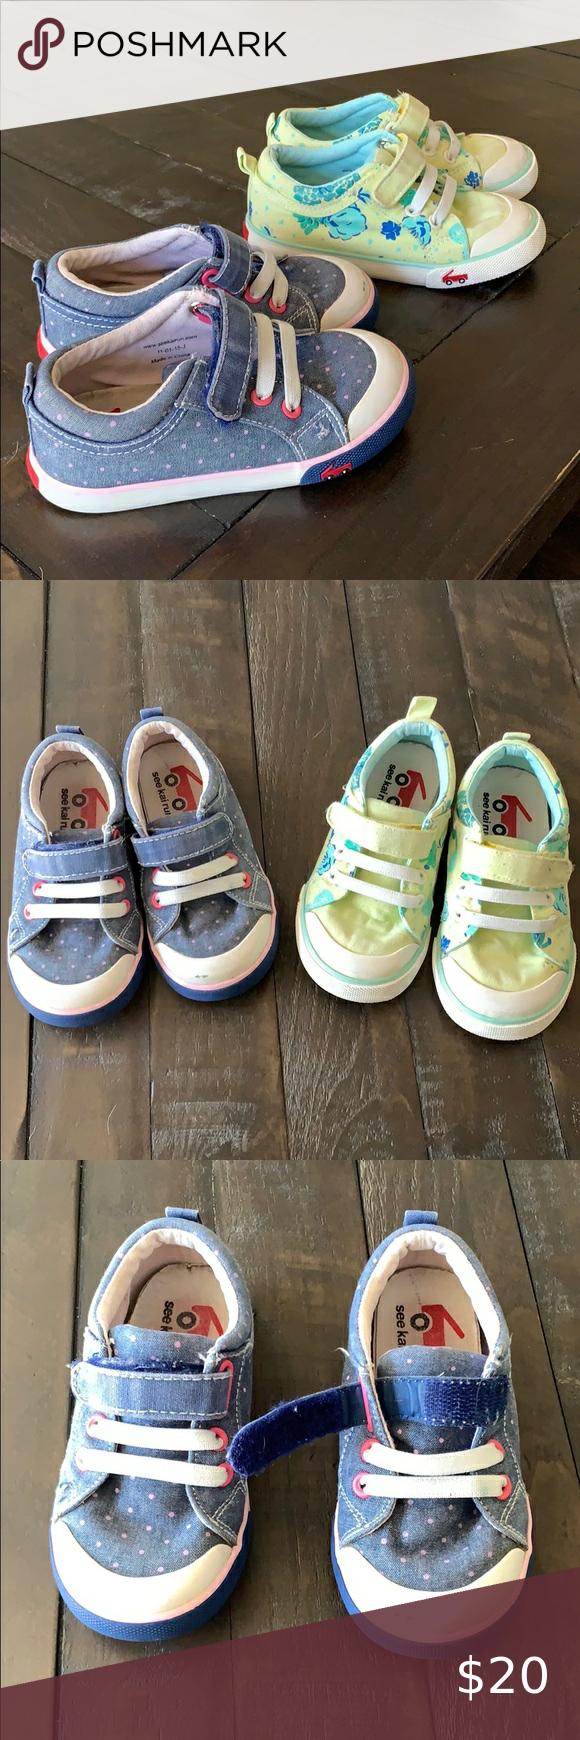 See Kai Run girl size 9 sneakers in